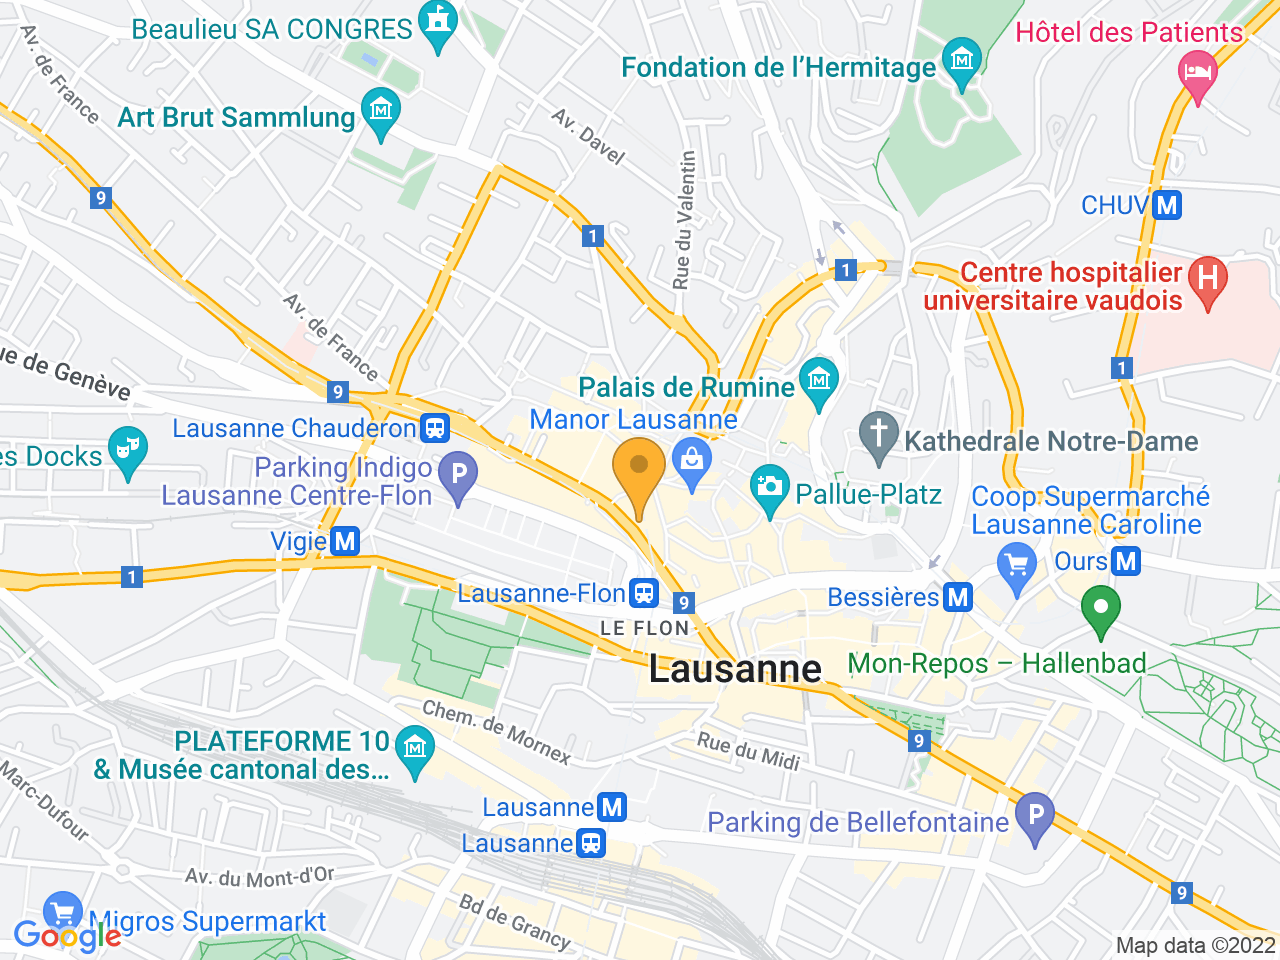 Rue du Grand-Pont 12, 1003 Lausanne